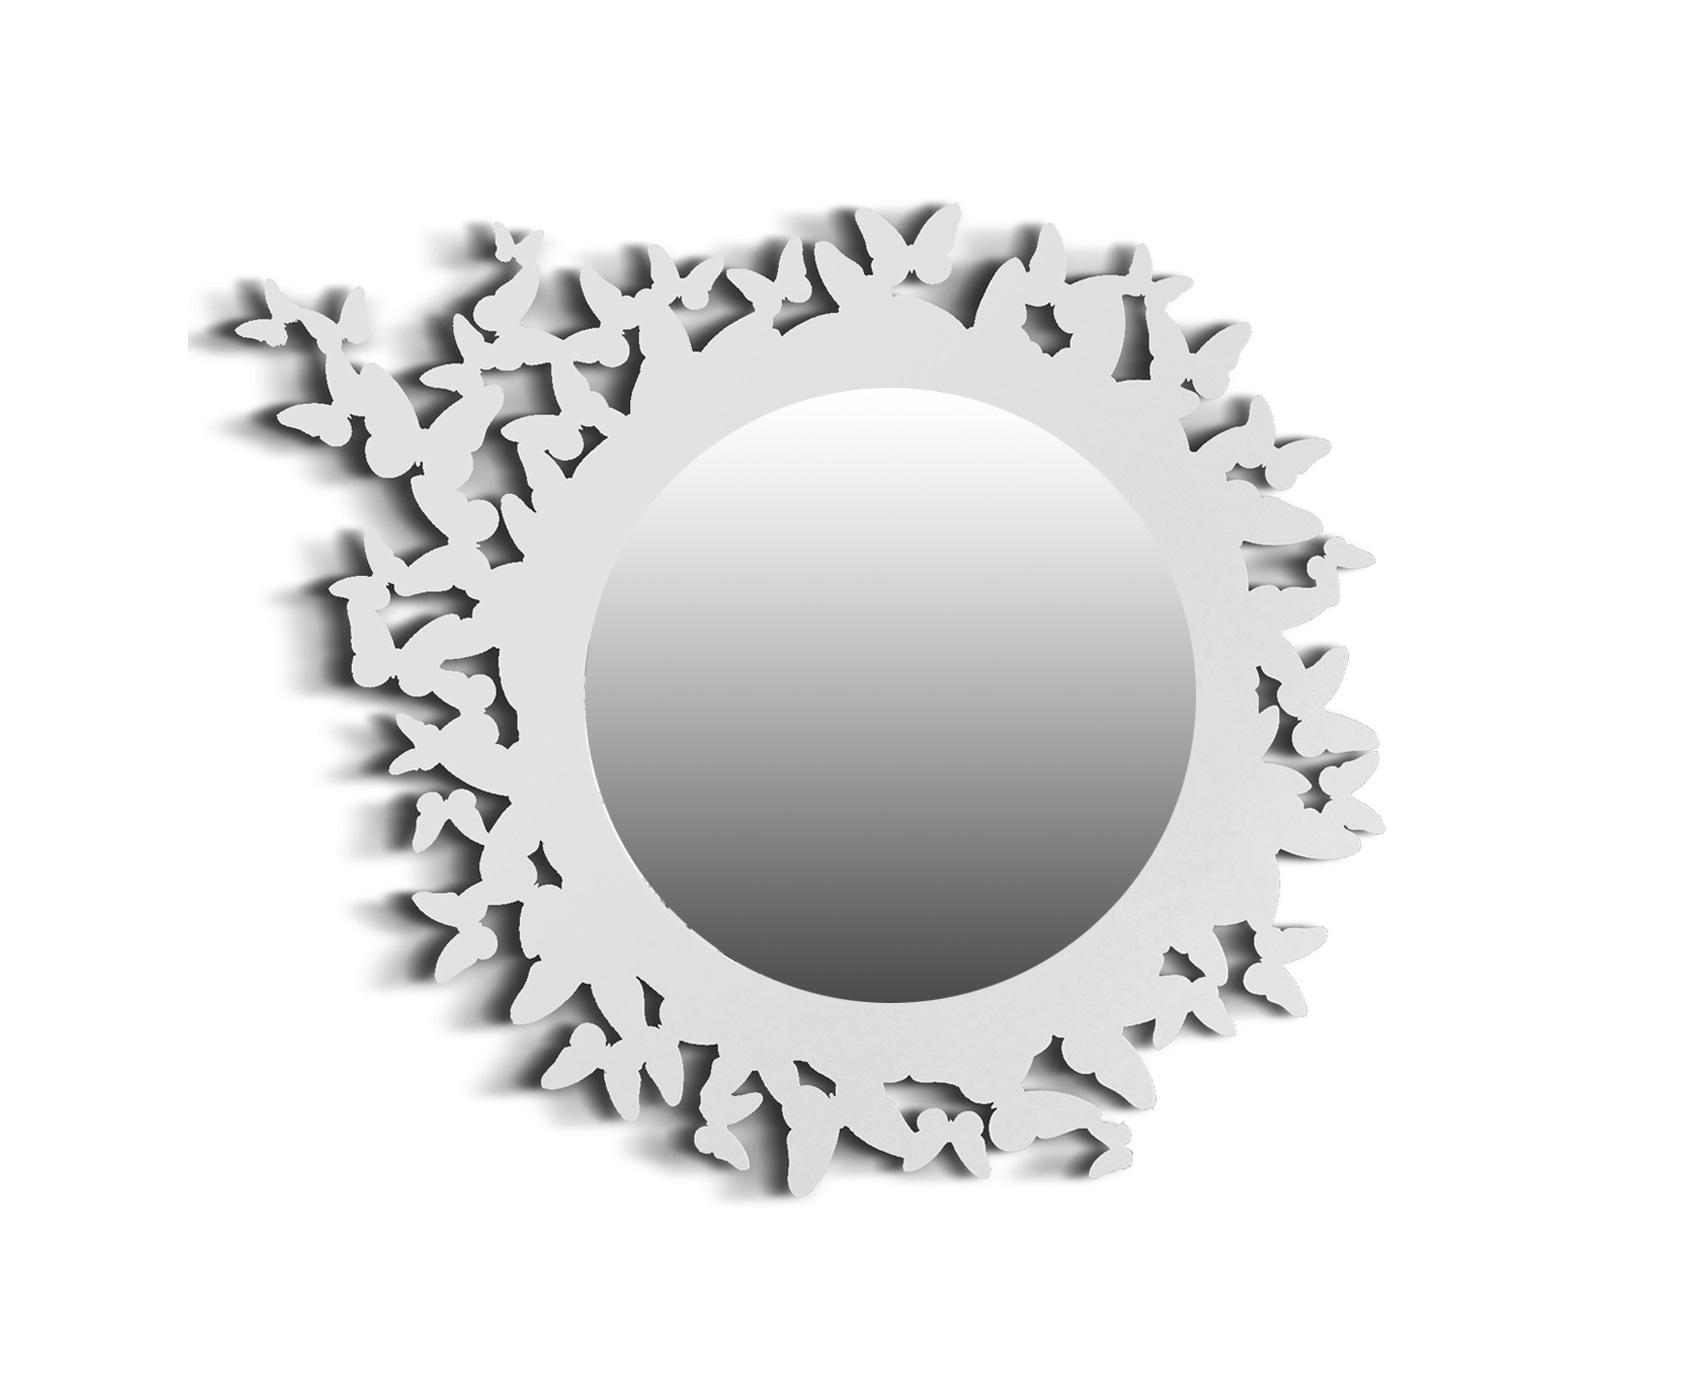 Зеркало BUTTERFLYНастенные зеркала<br>Настенное зеркало BUTTERFLY WHITE станет стильным украшением <br>современного интерьера, придавая ему неповторимую изысканность и <br>очарование лета. Порхающие бабочки, выполняющие функцию декоративного <br>оформления, добавят ощущение легкости и летнего настроения в уютную <br>обстановку Вашего дома.<br>Декоративное зеркало BUTTERFLY в металлической раме с креплением доступно в черном и белом цветах.<br><br>Material: Сталь<br>Length см: None<br>Width см: 69<br>Depth см: 7<br>Height см: 55<br>Diameter см: None